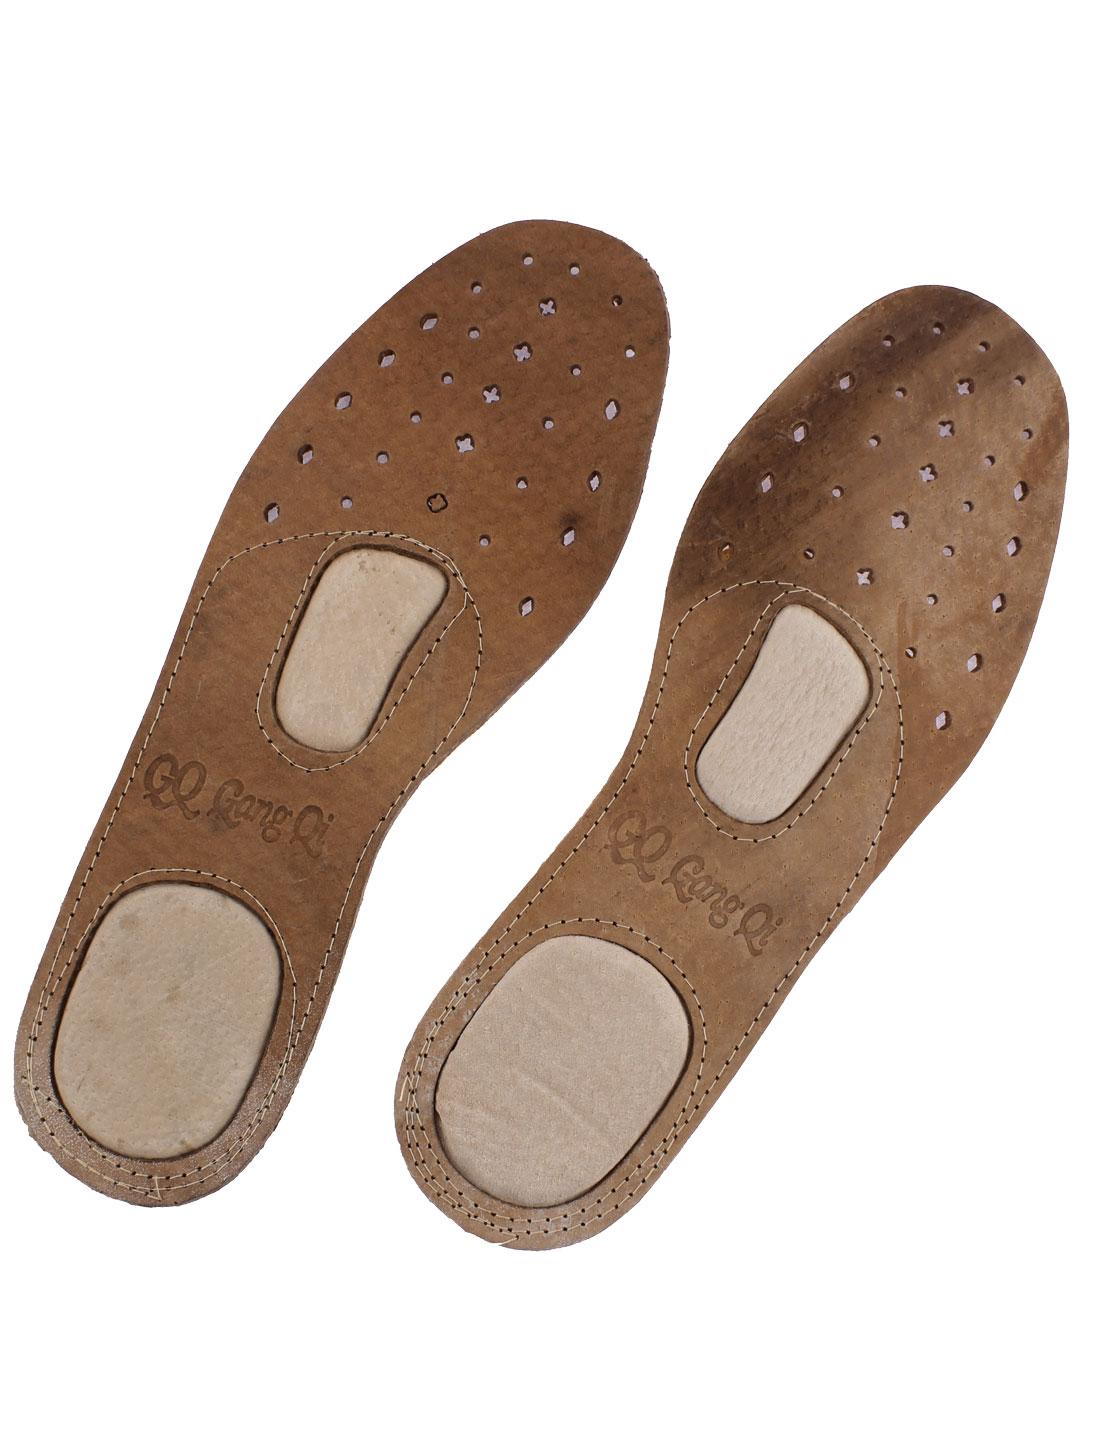 Pair Mini Holes Faux Leather Shoe Pad Insoles Light Brown EU 42 for Men